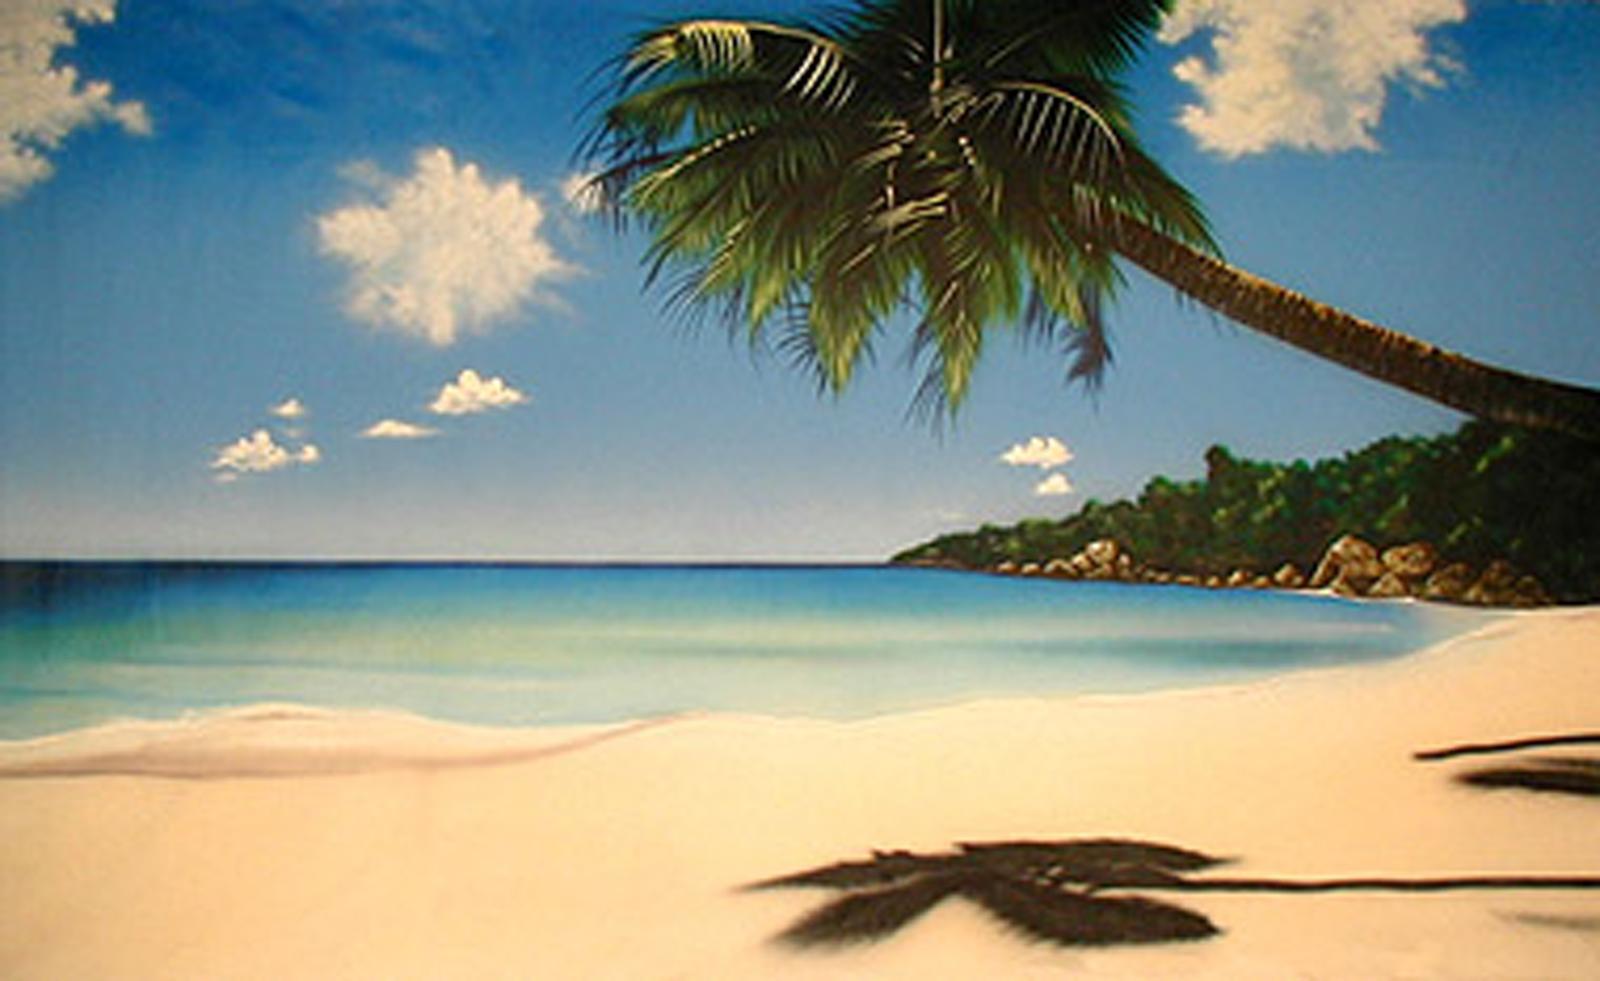 Beach Scene 12' x 20'.jpg